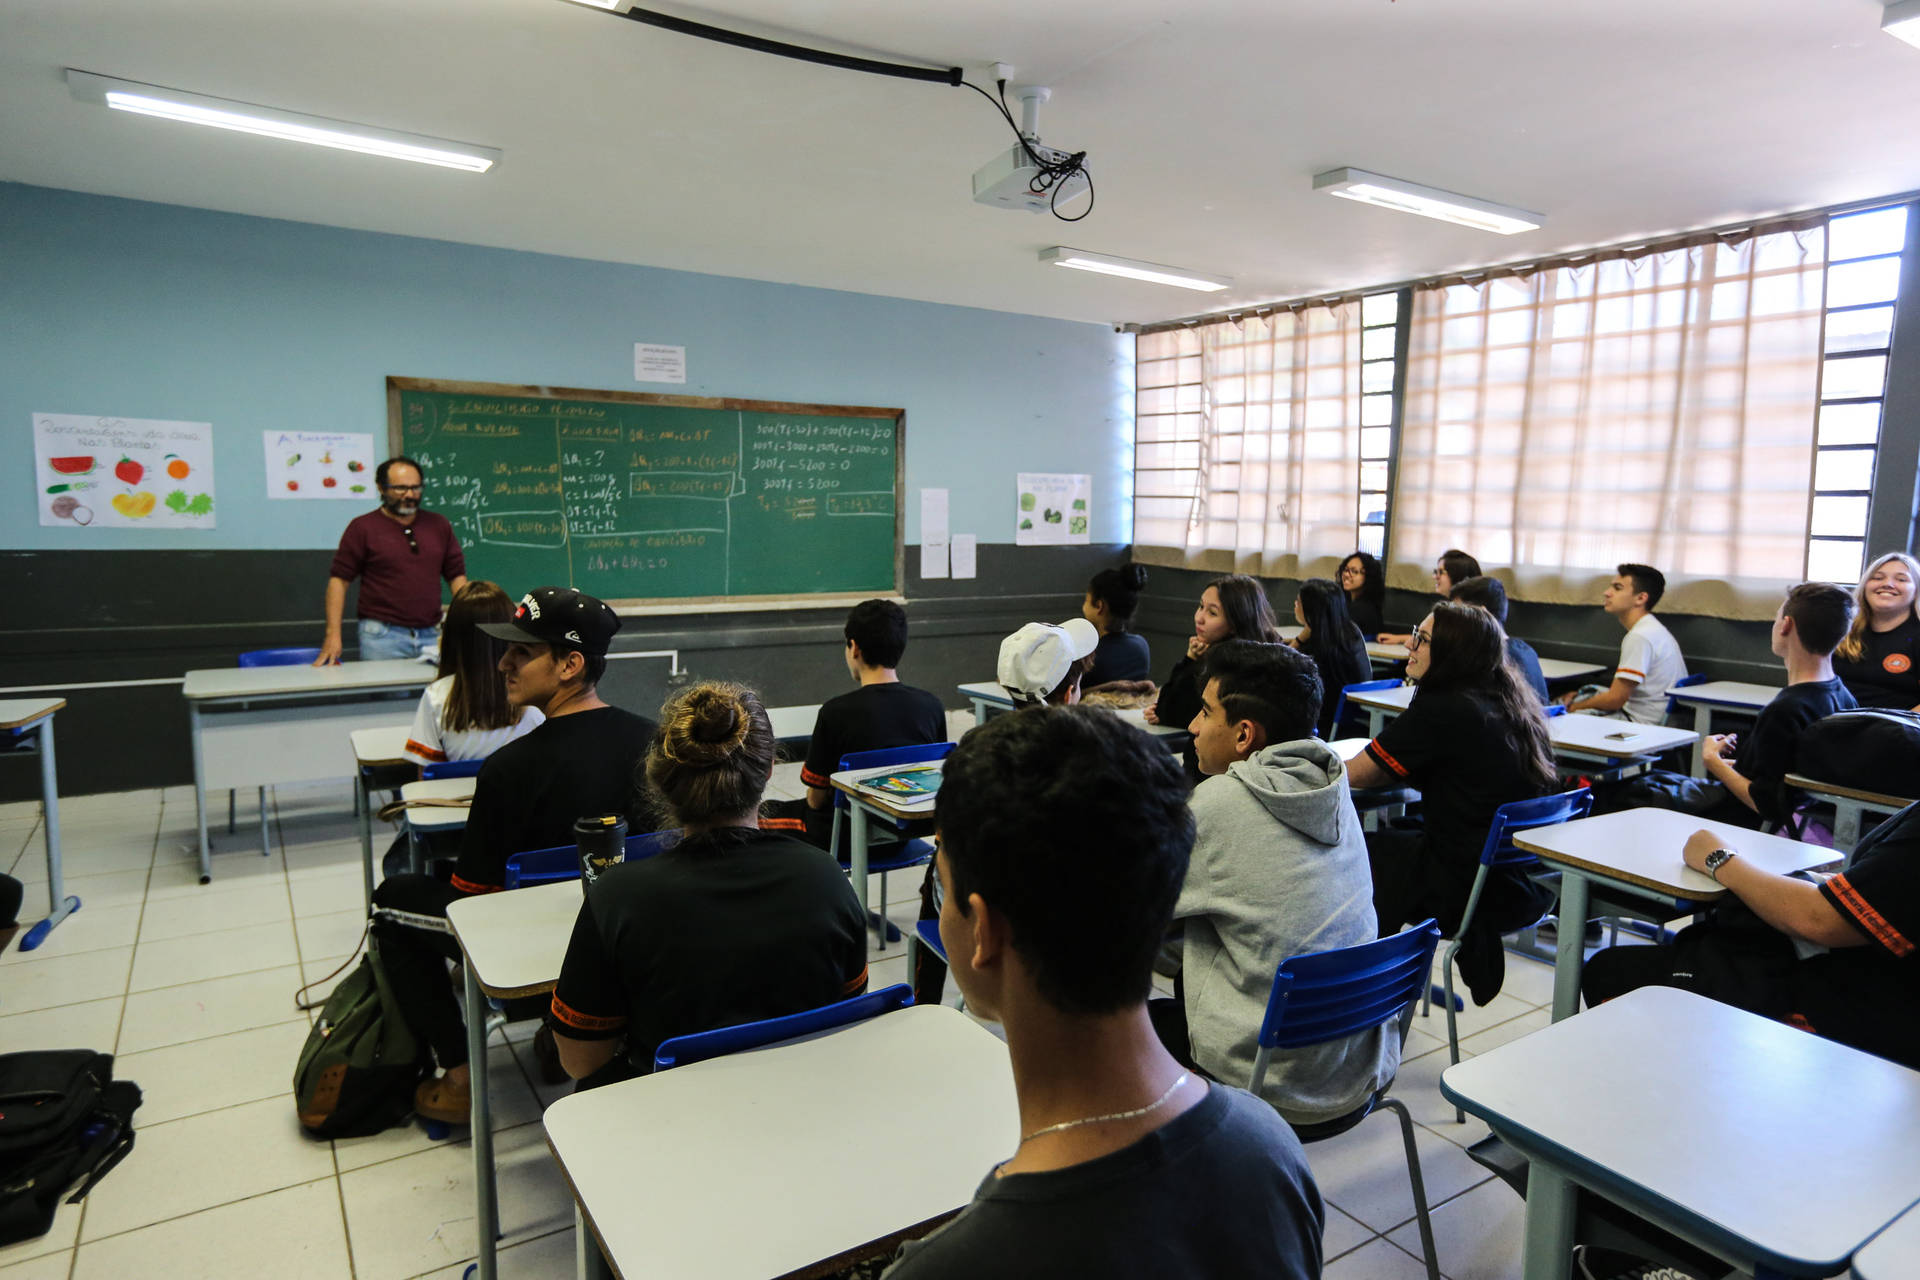 Estudantes poderão optar por um dos turnos, o que hoje não é possível devido à fila de espera no diurno.